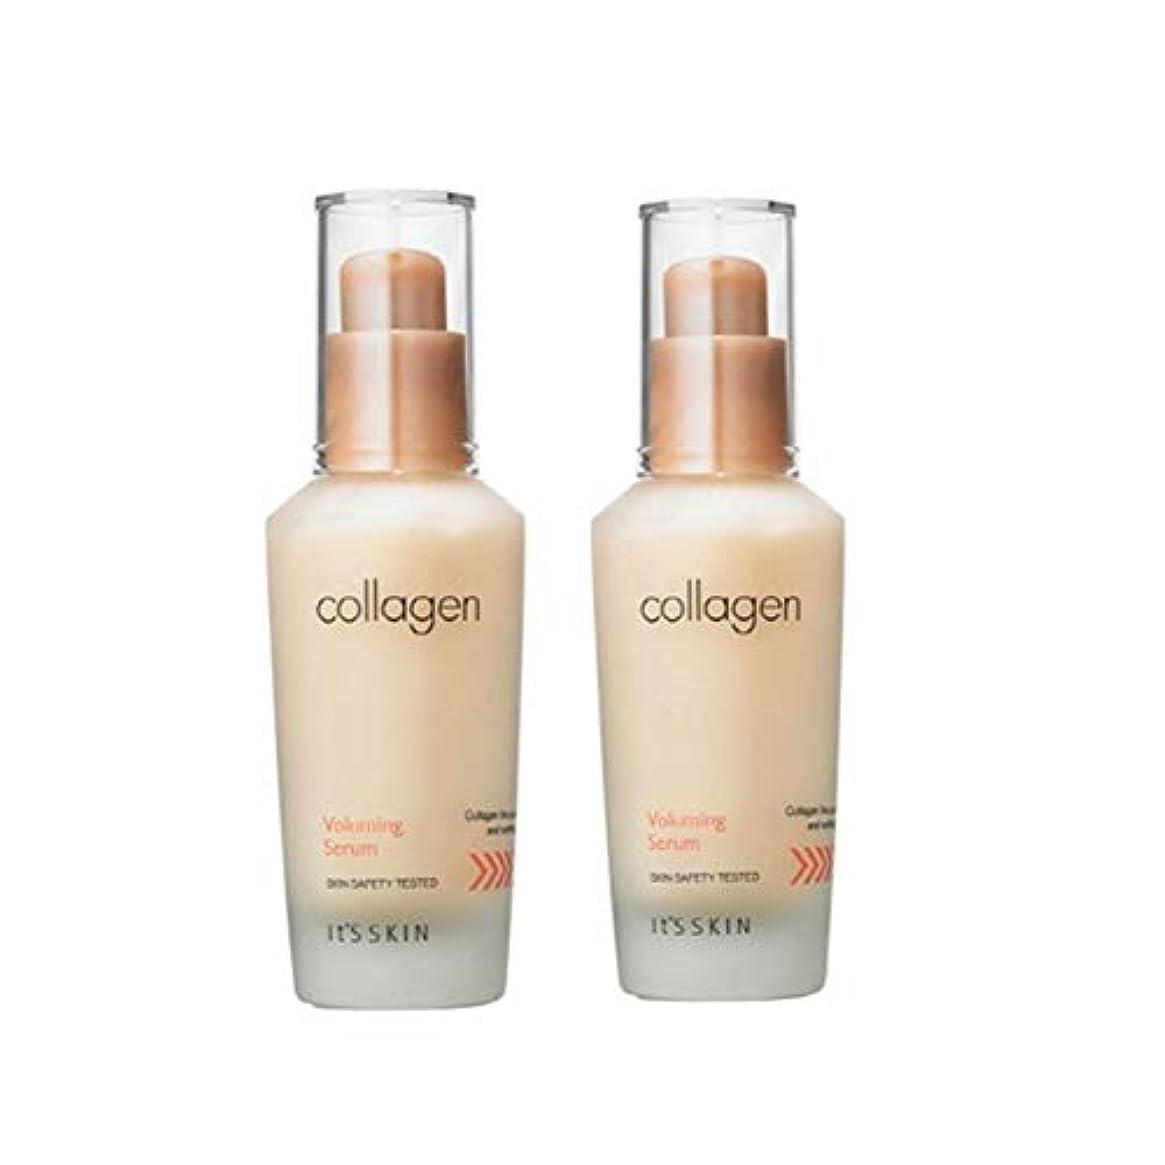 マーキング剃る回転するイッツスキンコラーゲン弾力セラム40ml x 2本セット、It's Skin Collagen Voluming Serum 40ml x 2ea Set [並行輸入品]